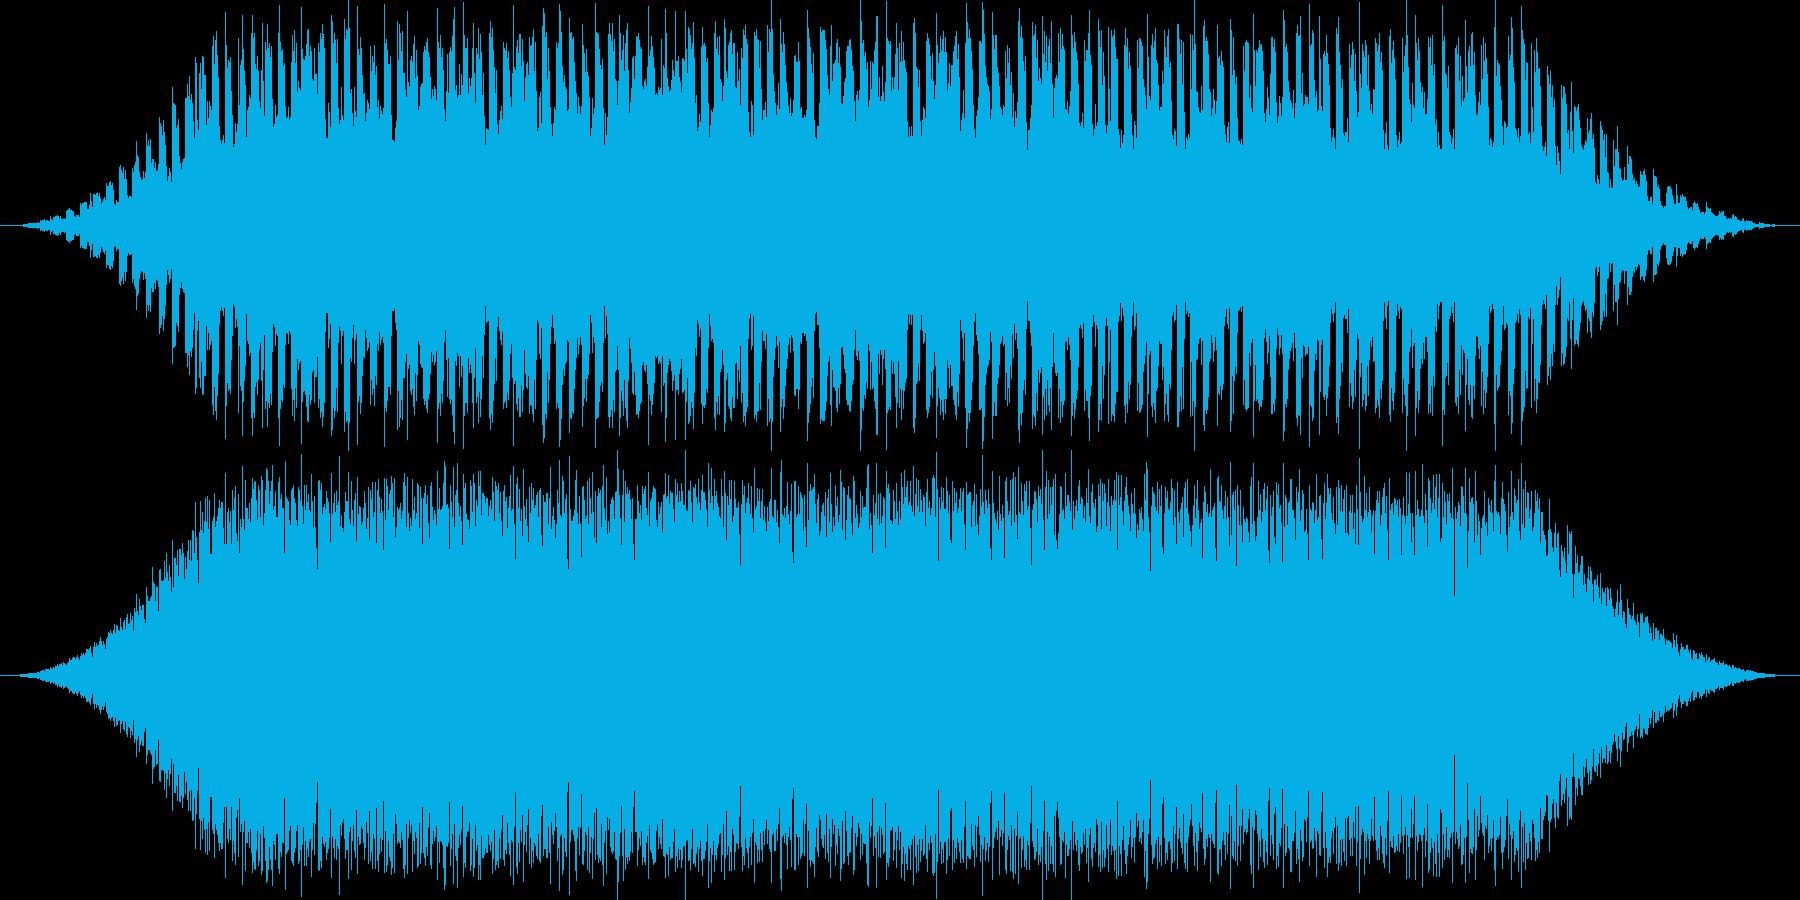 この楽曲はサビのみです。明るく元気にな…の再生済みの波形